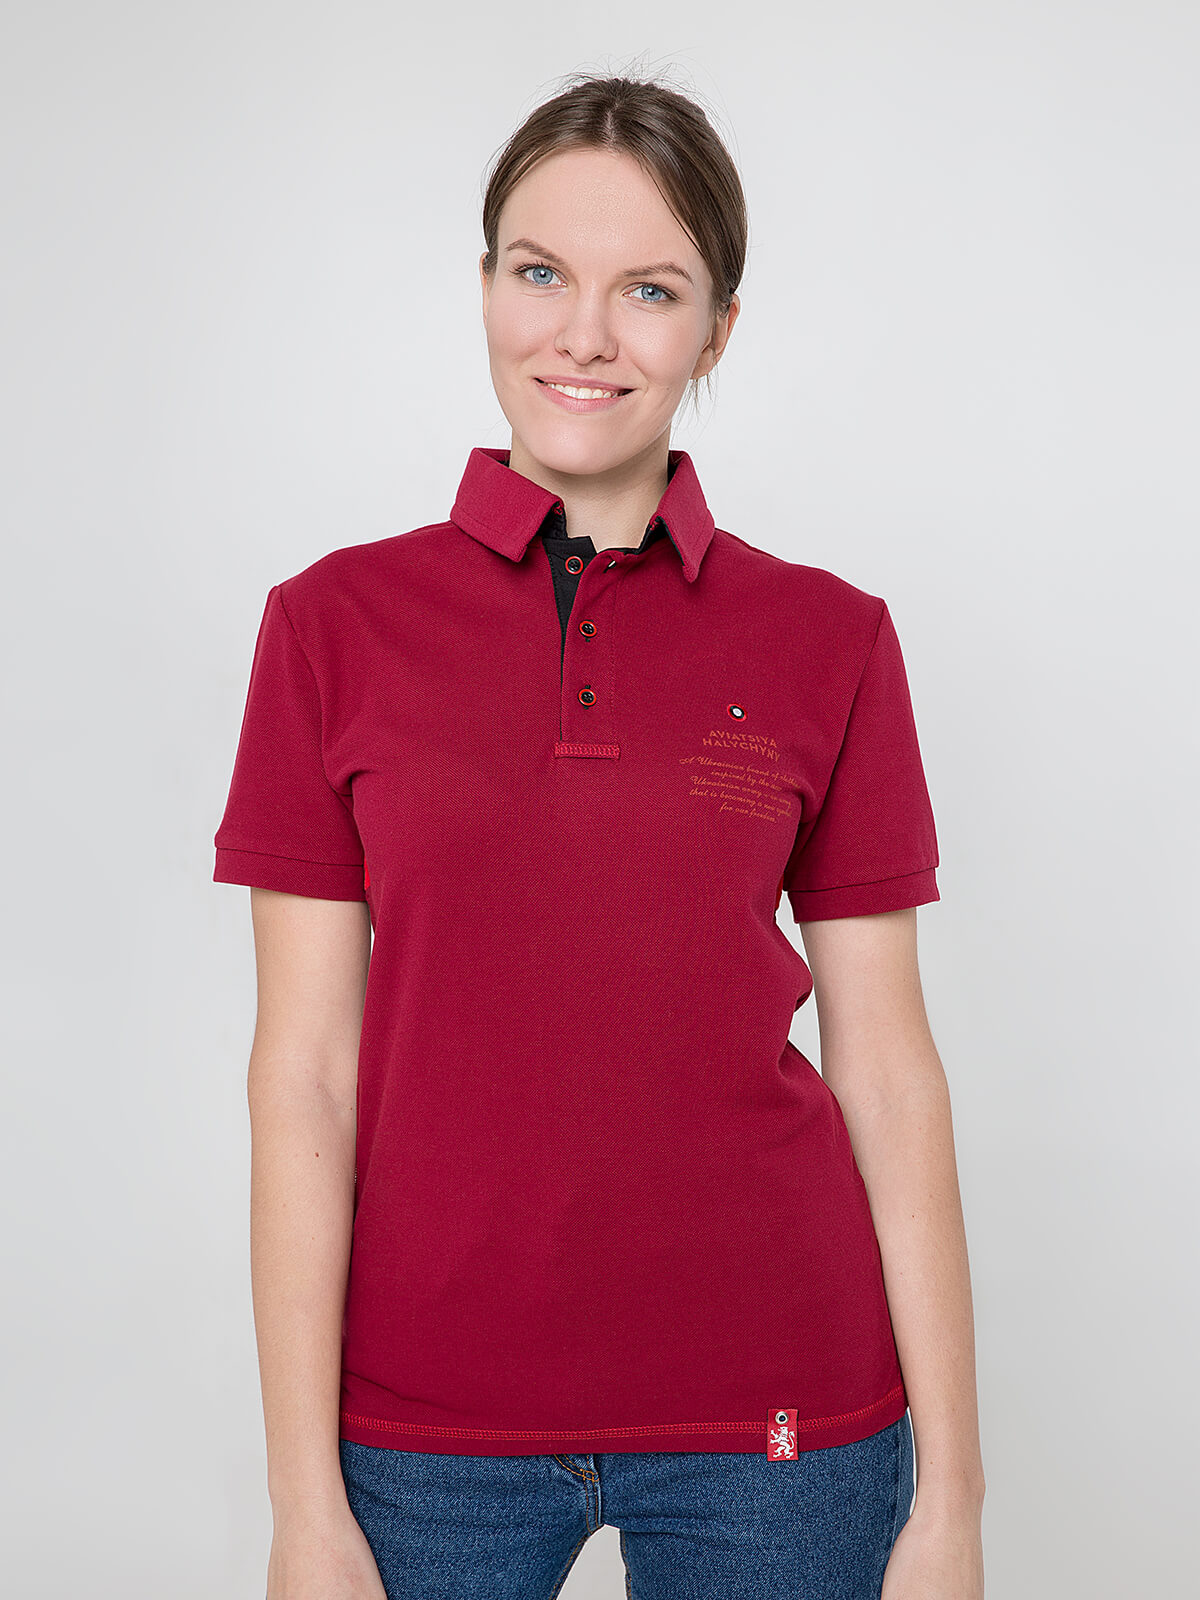 Women's Polo Shirt Wings. Color claret. Unisex polo (men's sizes).